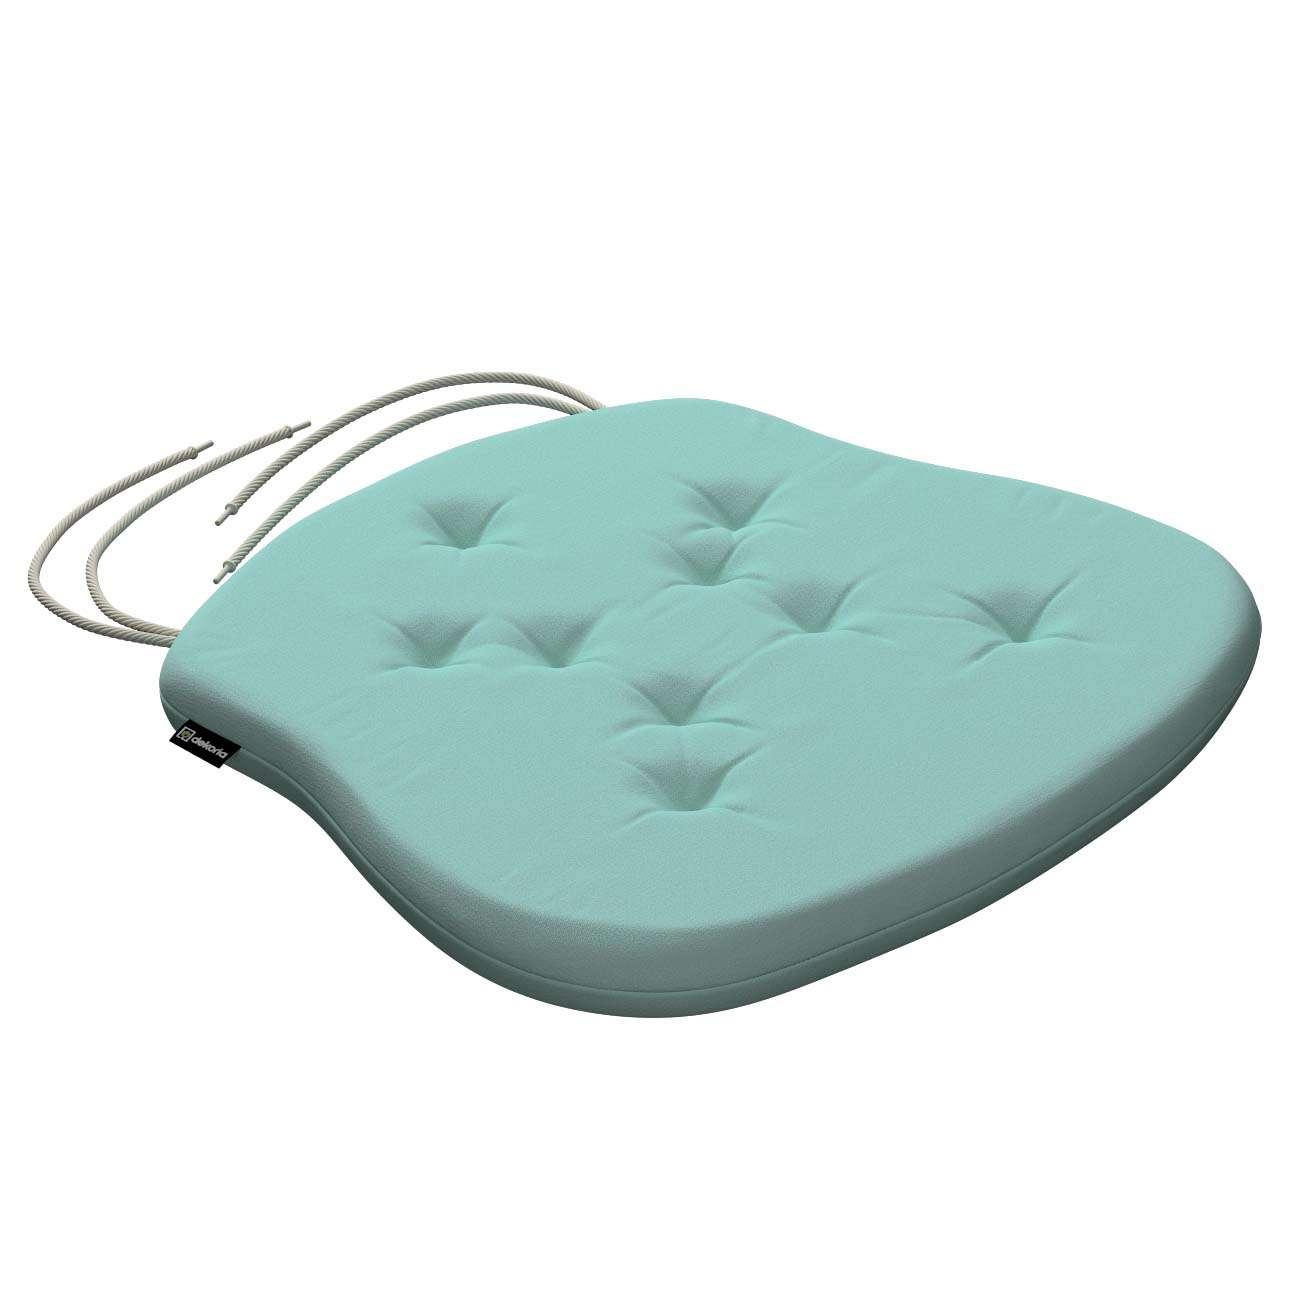 Siedzisko Filip na krzesło 41x38x3,5 cm w kolekcji Loneta, tkanina: 133-32